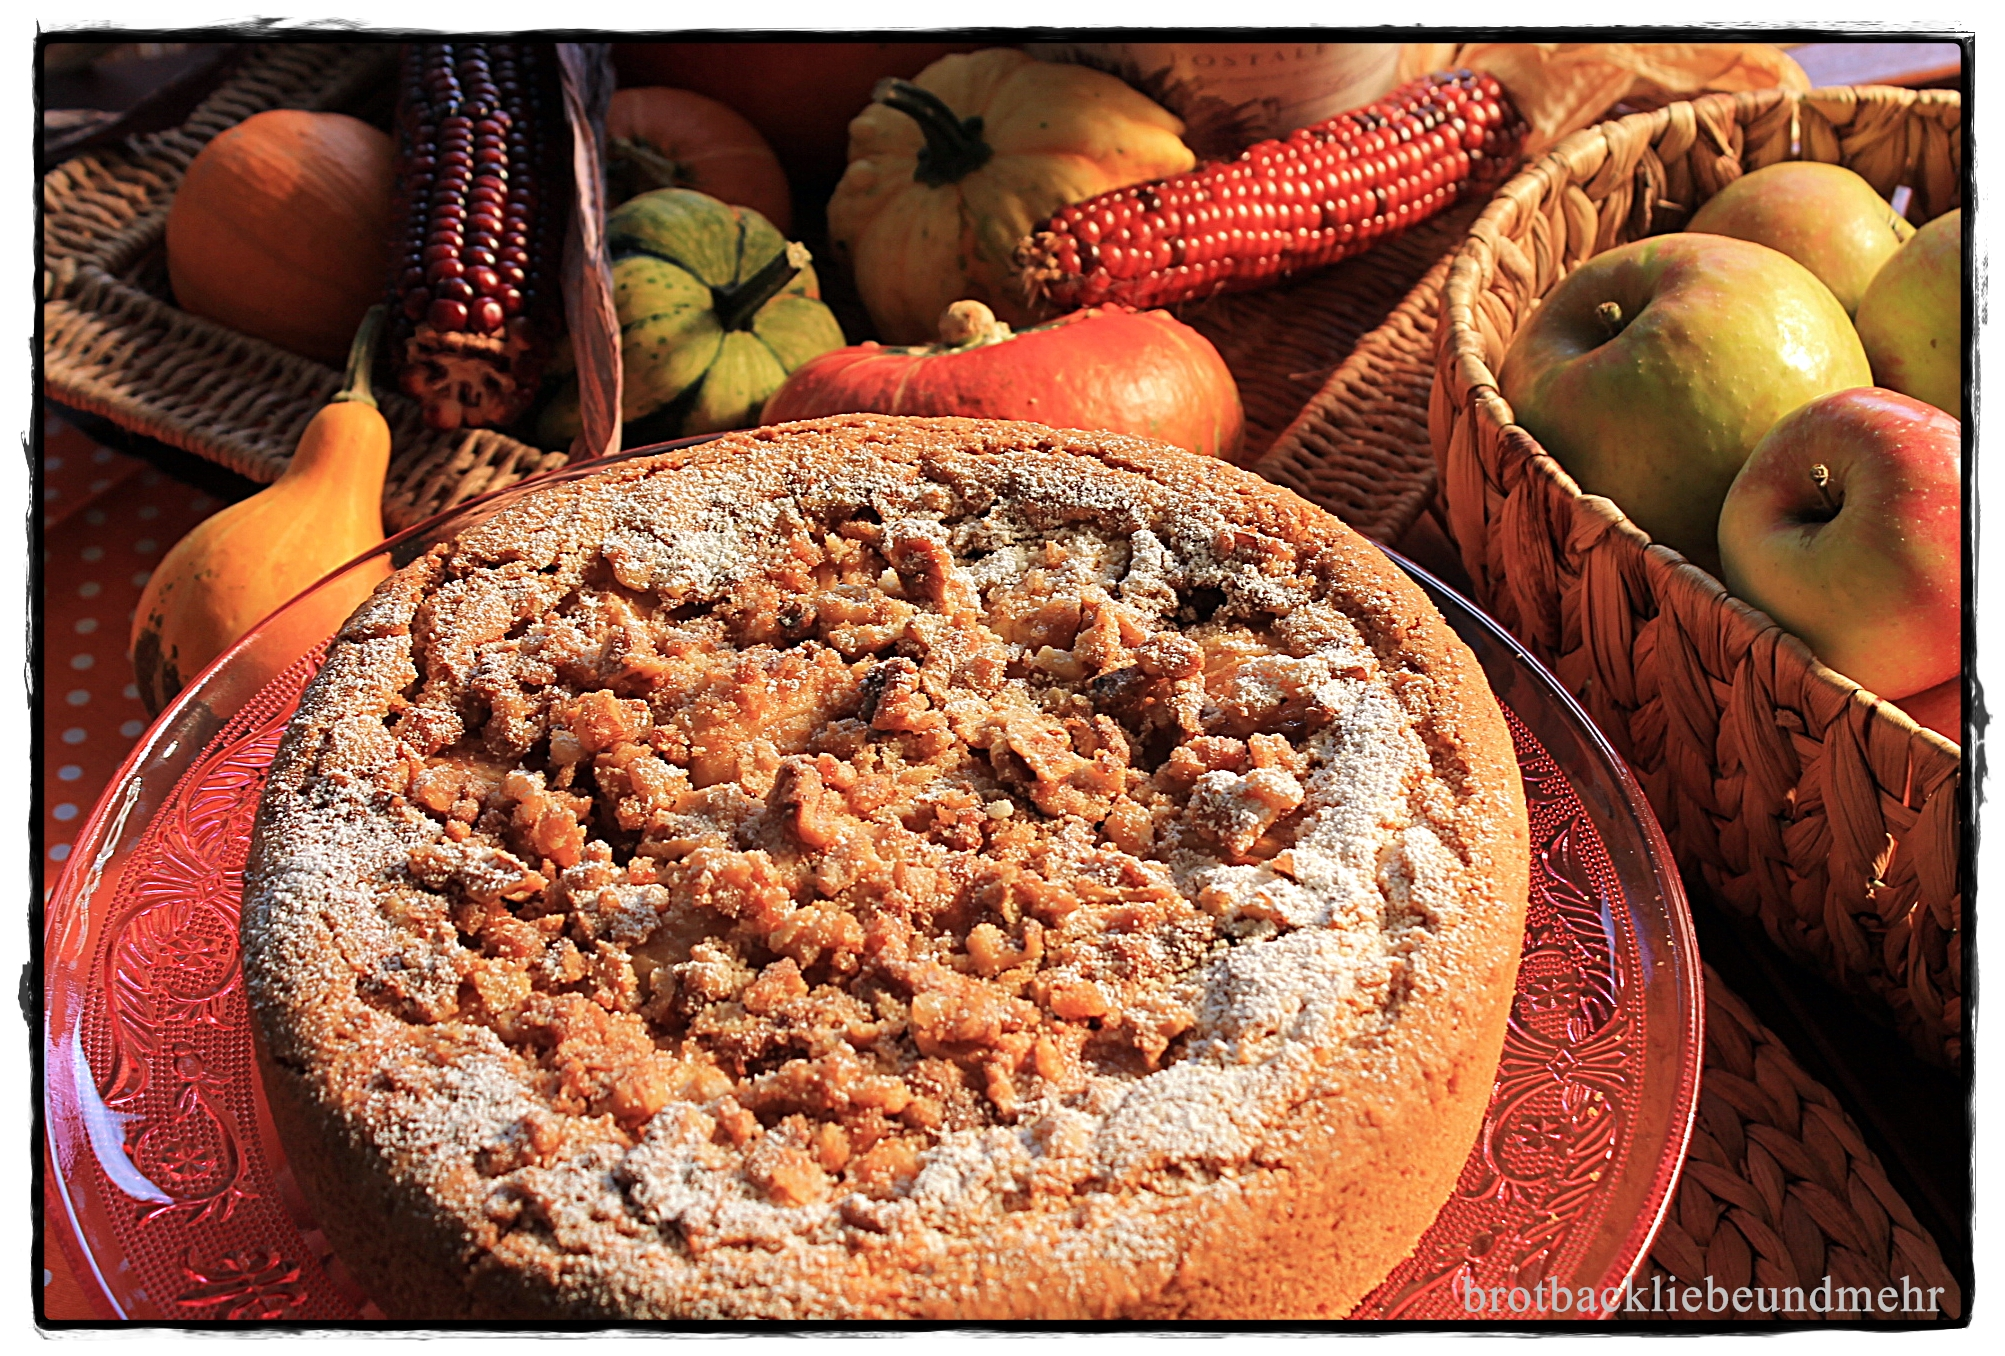 Apfelkuchen mit karamellisierten Walnüssen